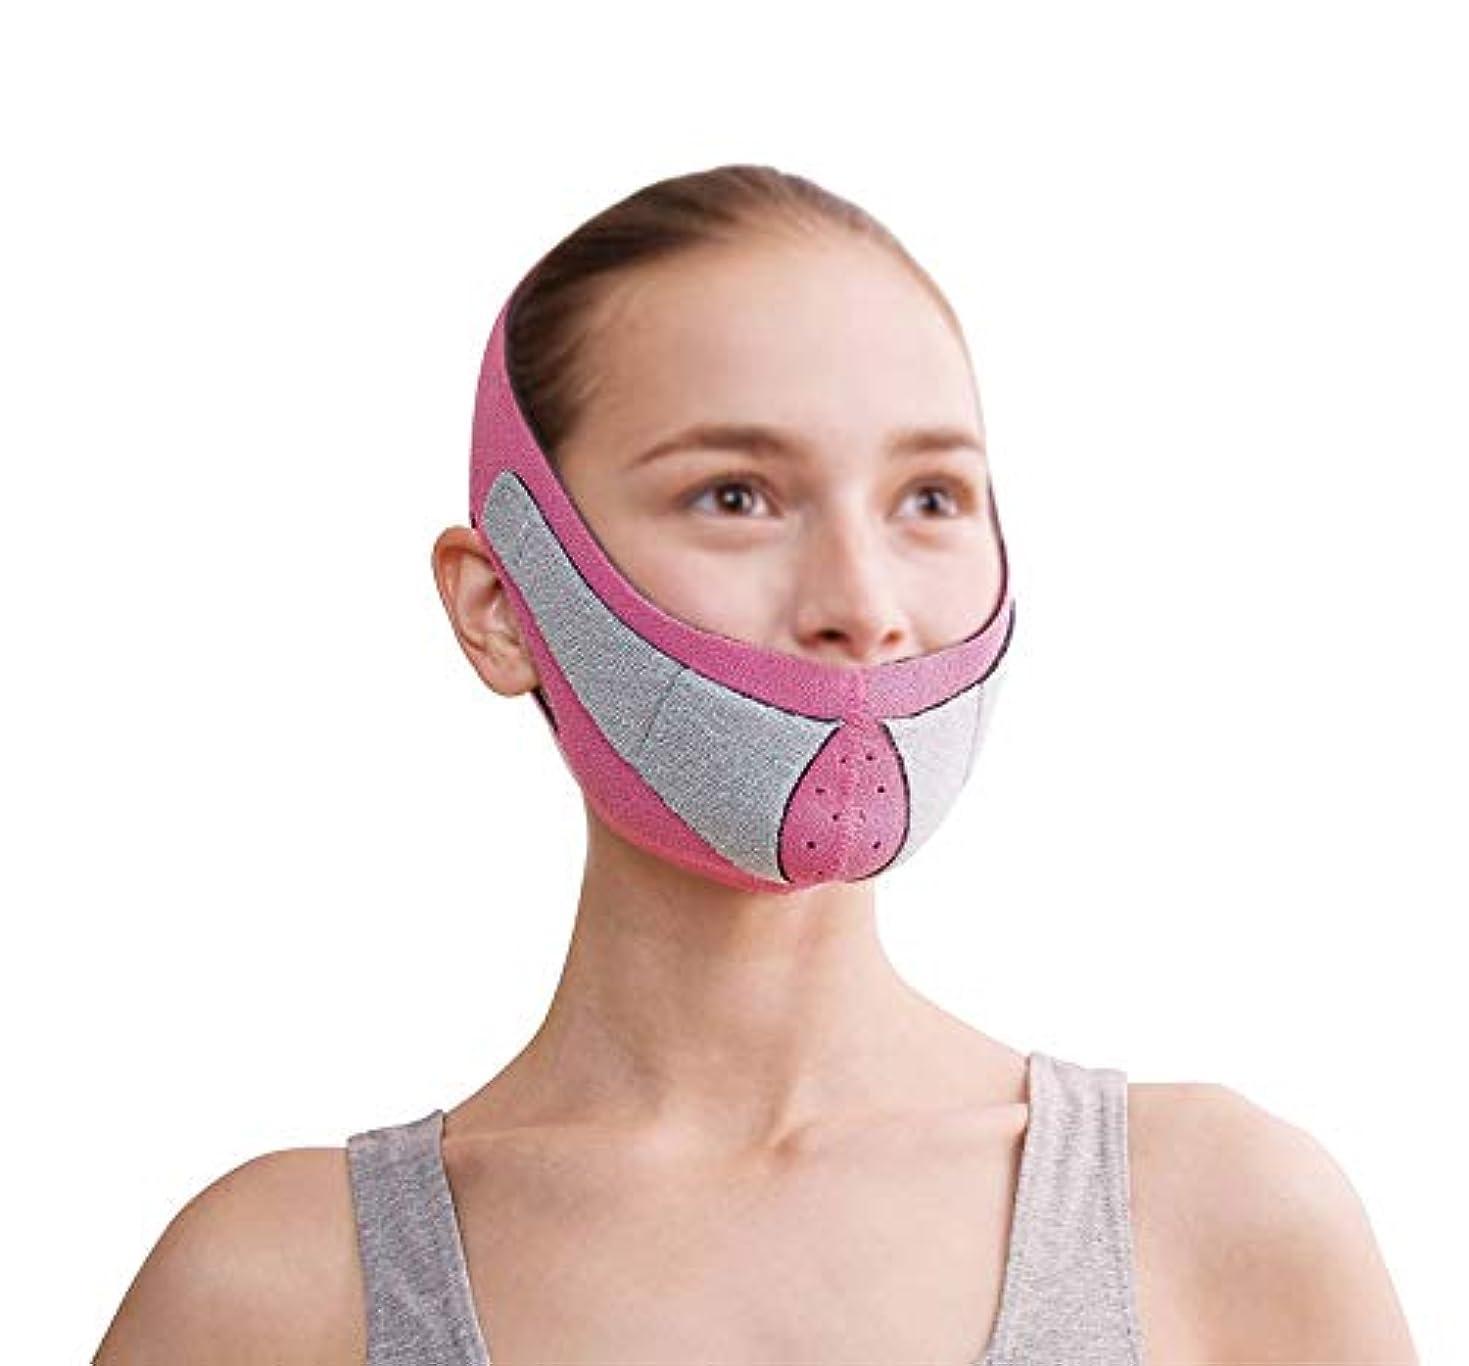 ぶどうペレット手首GLJJQMY 薄い顔のマスクのマスクと垂れ下がり防止の薄い顔のマスク薄い顔のマスクのアーティファクトの美しさの首ネックストラップを引き締め 顔用整形マスク